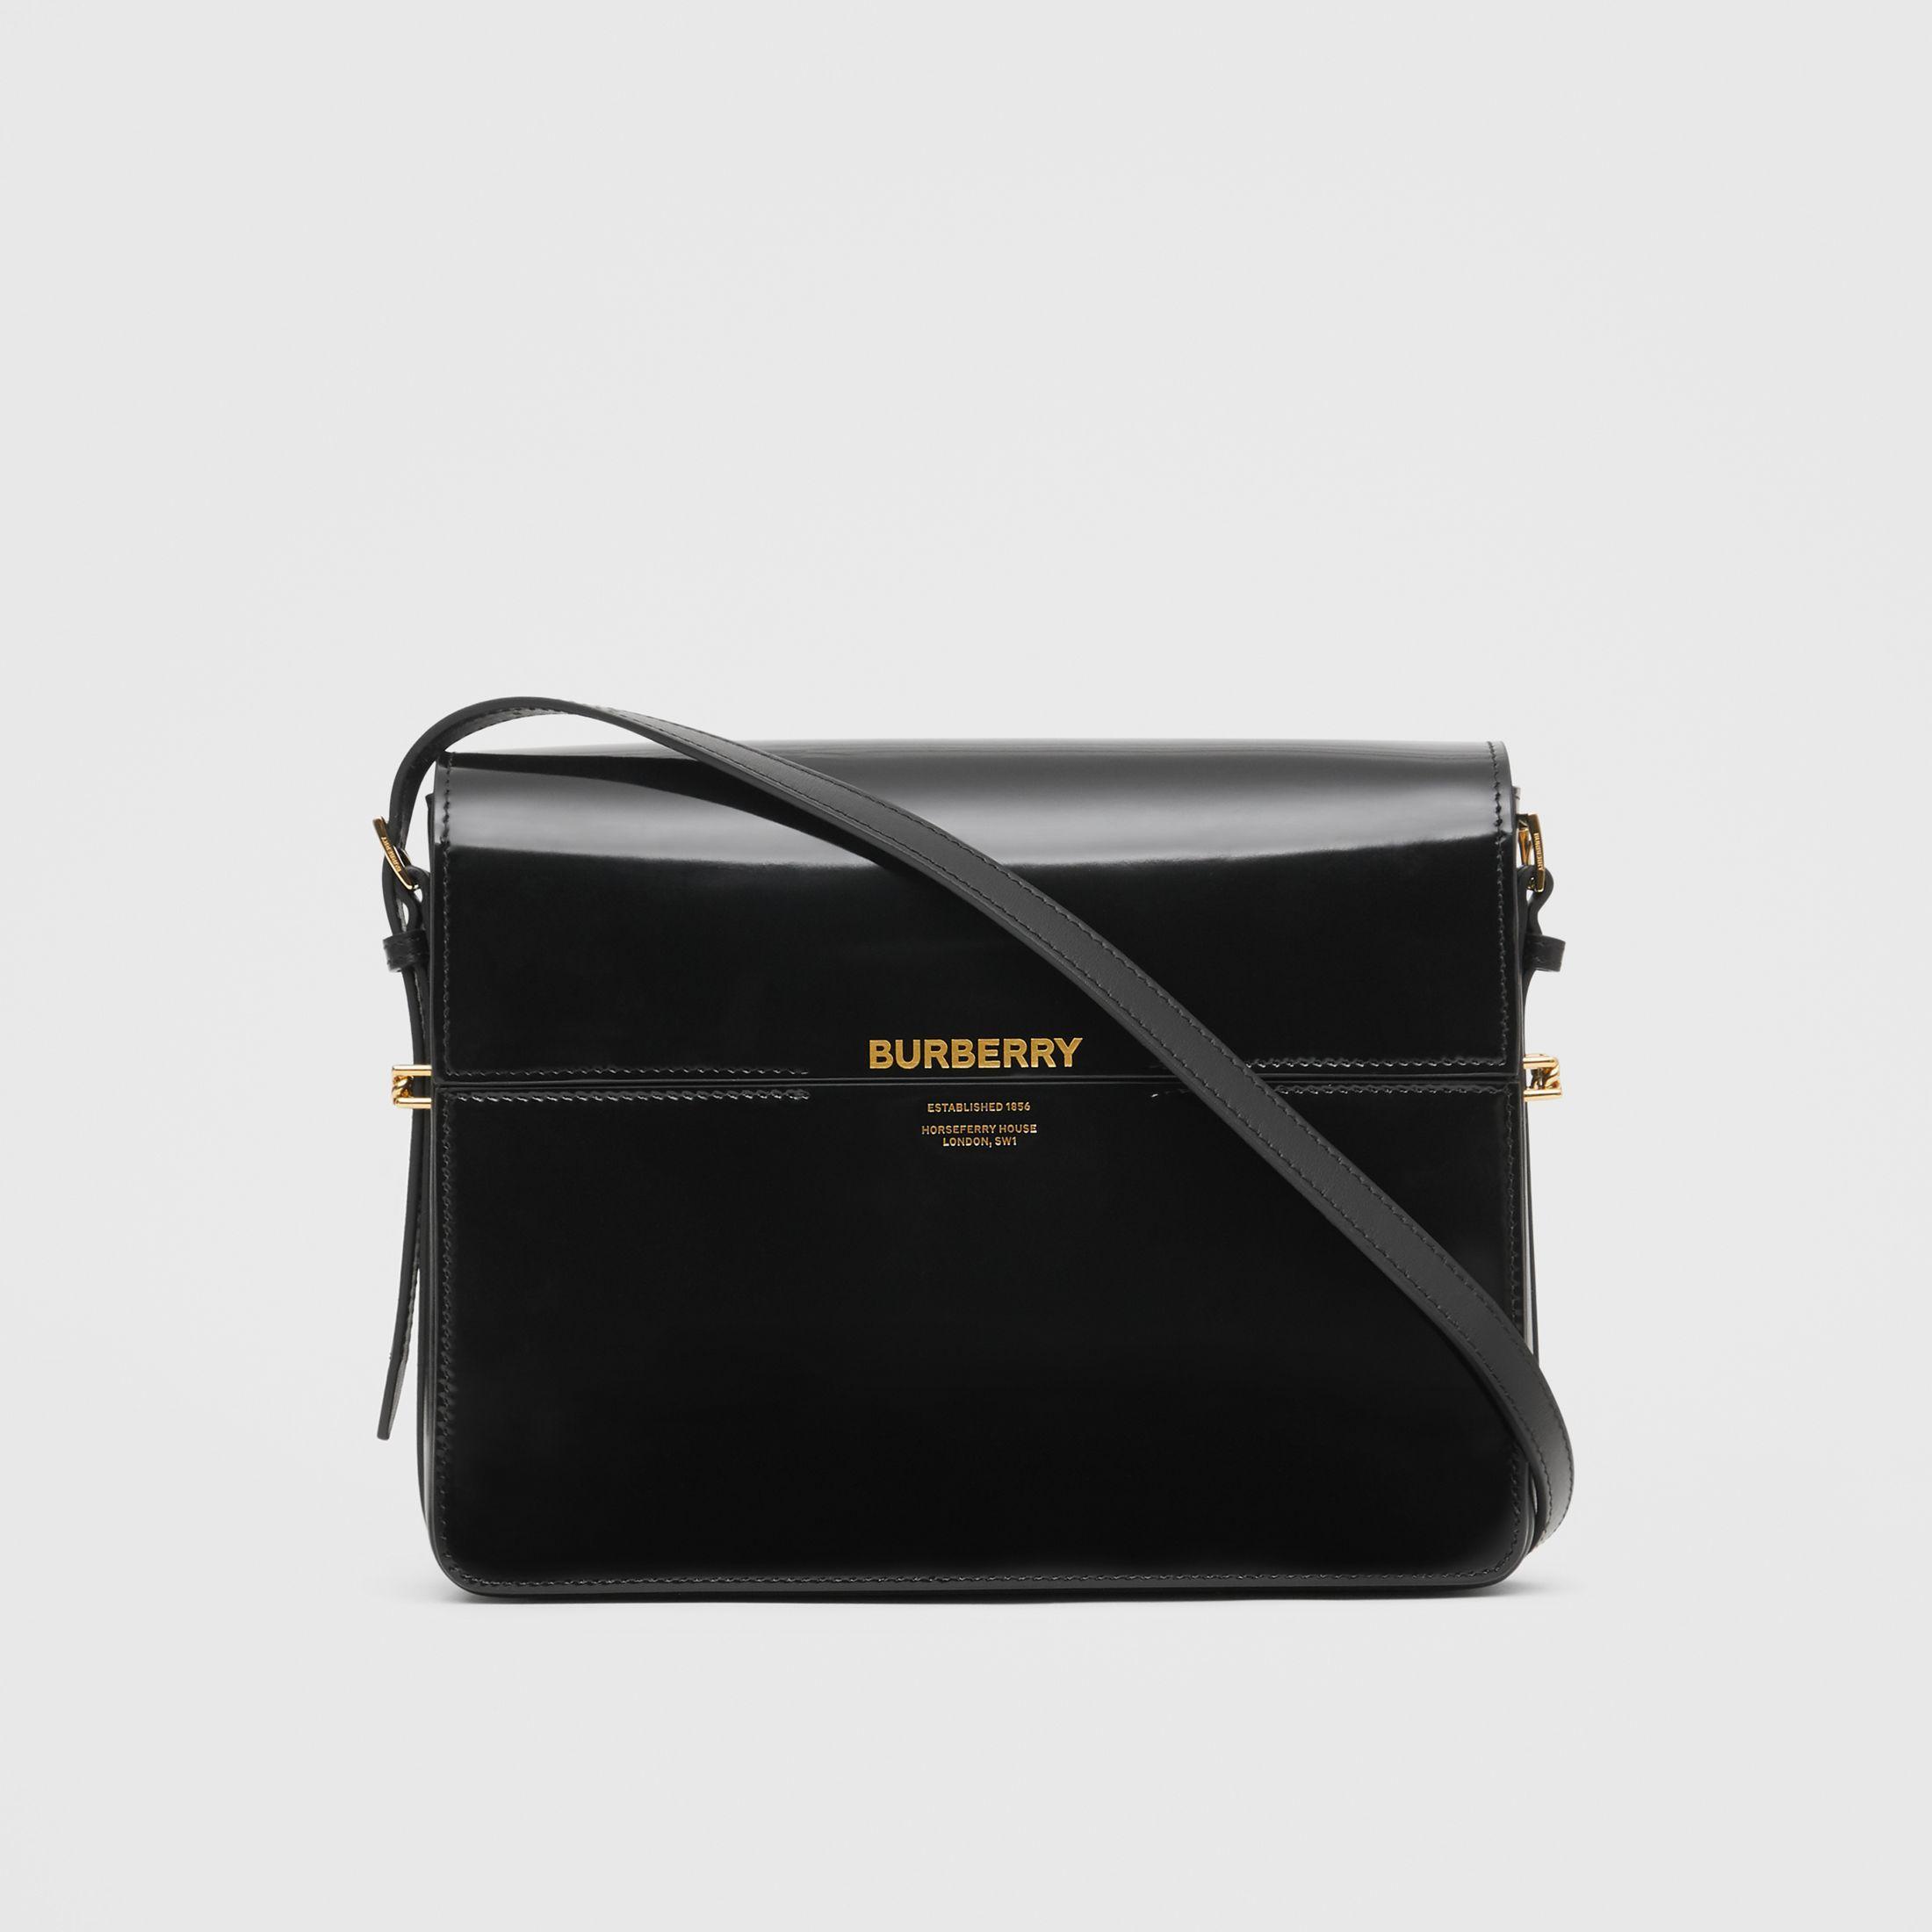 c5af585484 Burberry - SS19   Ricardo Tisci for Burberry black large leather Grace bag  ($1,290)